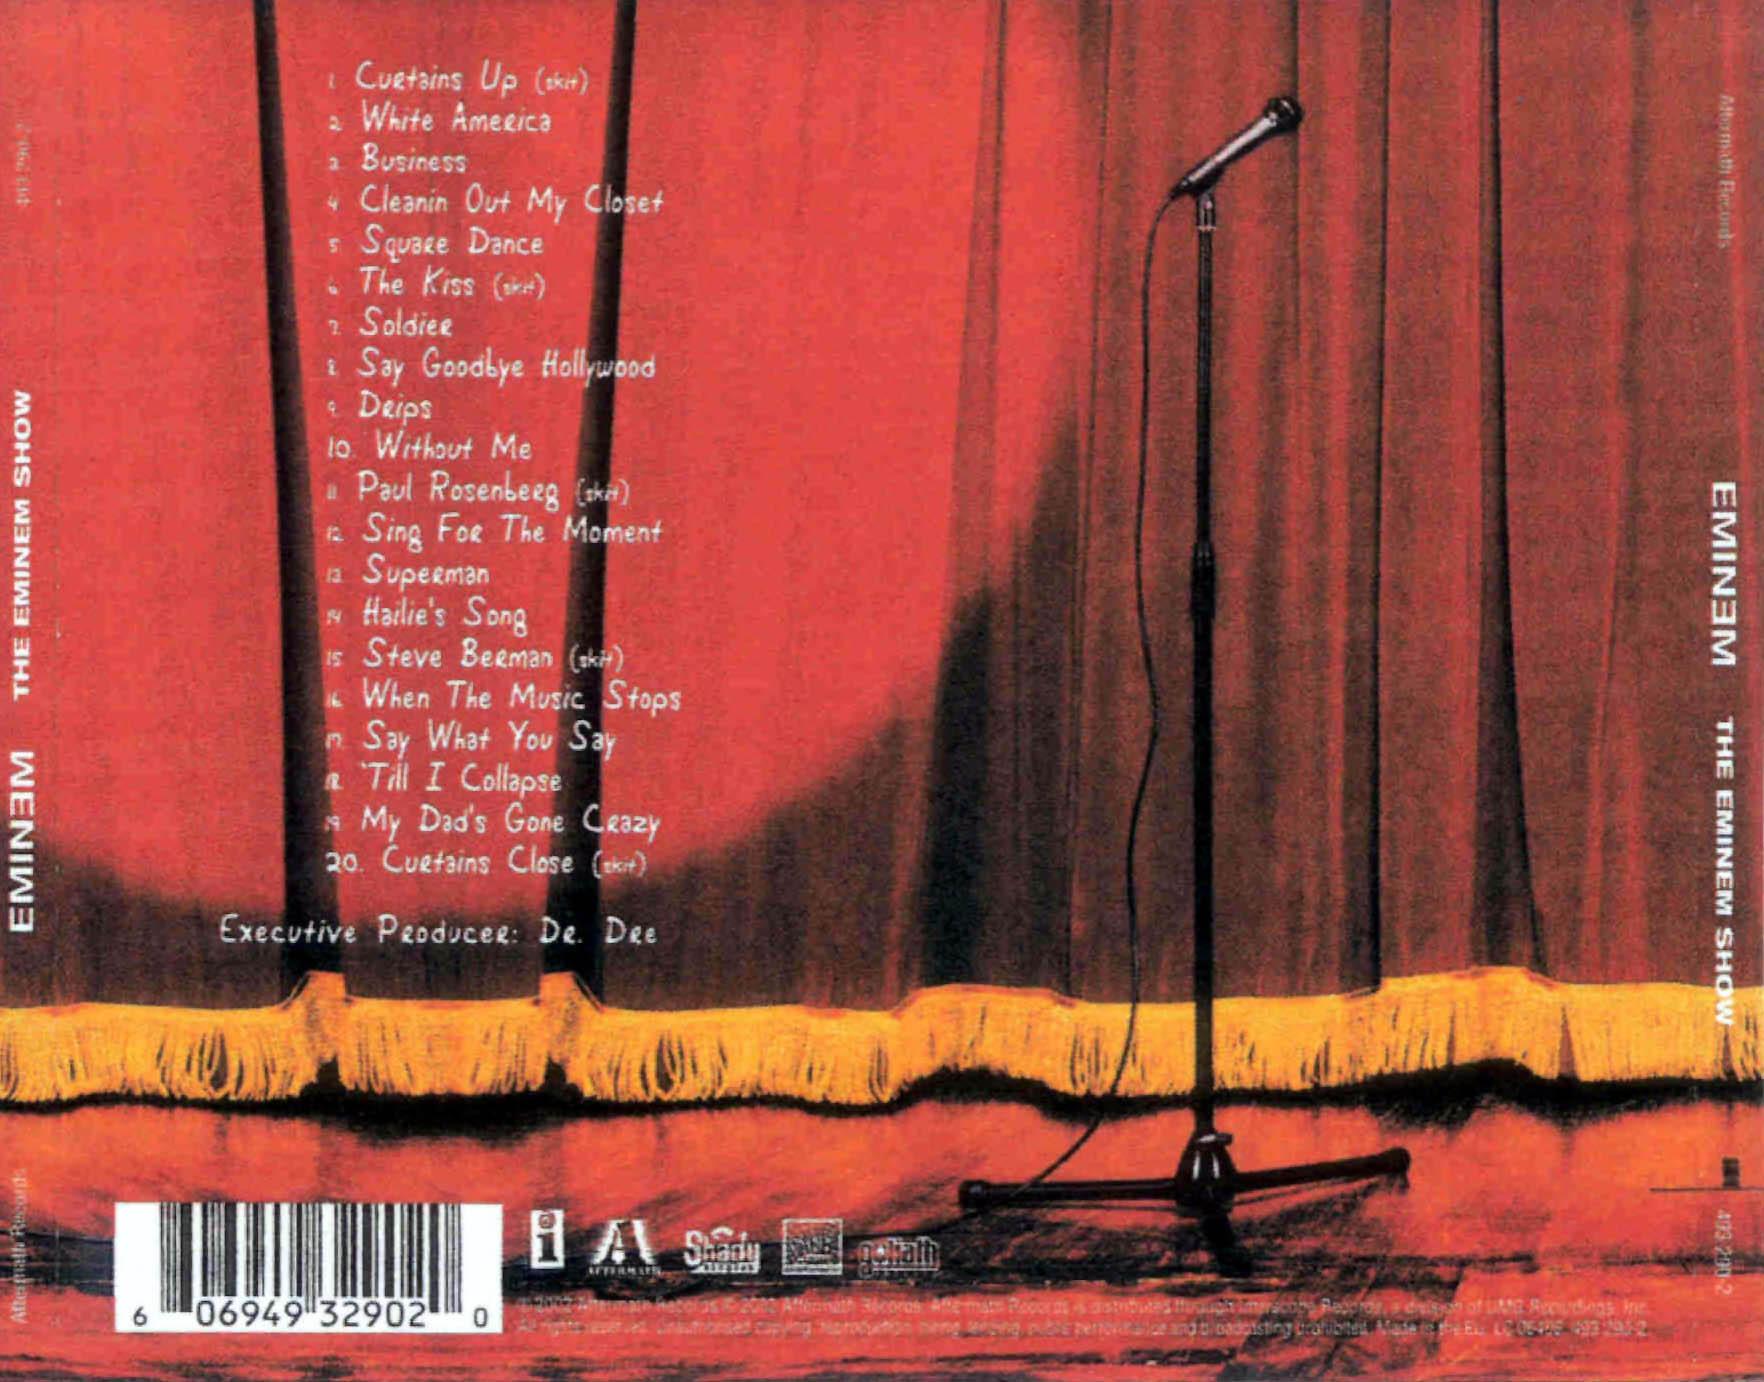 eminem show album free mp3 download